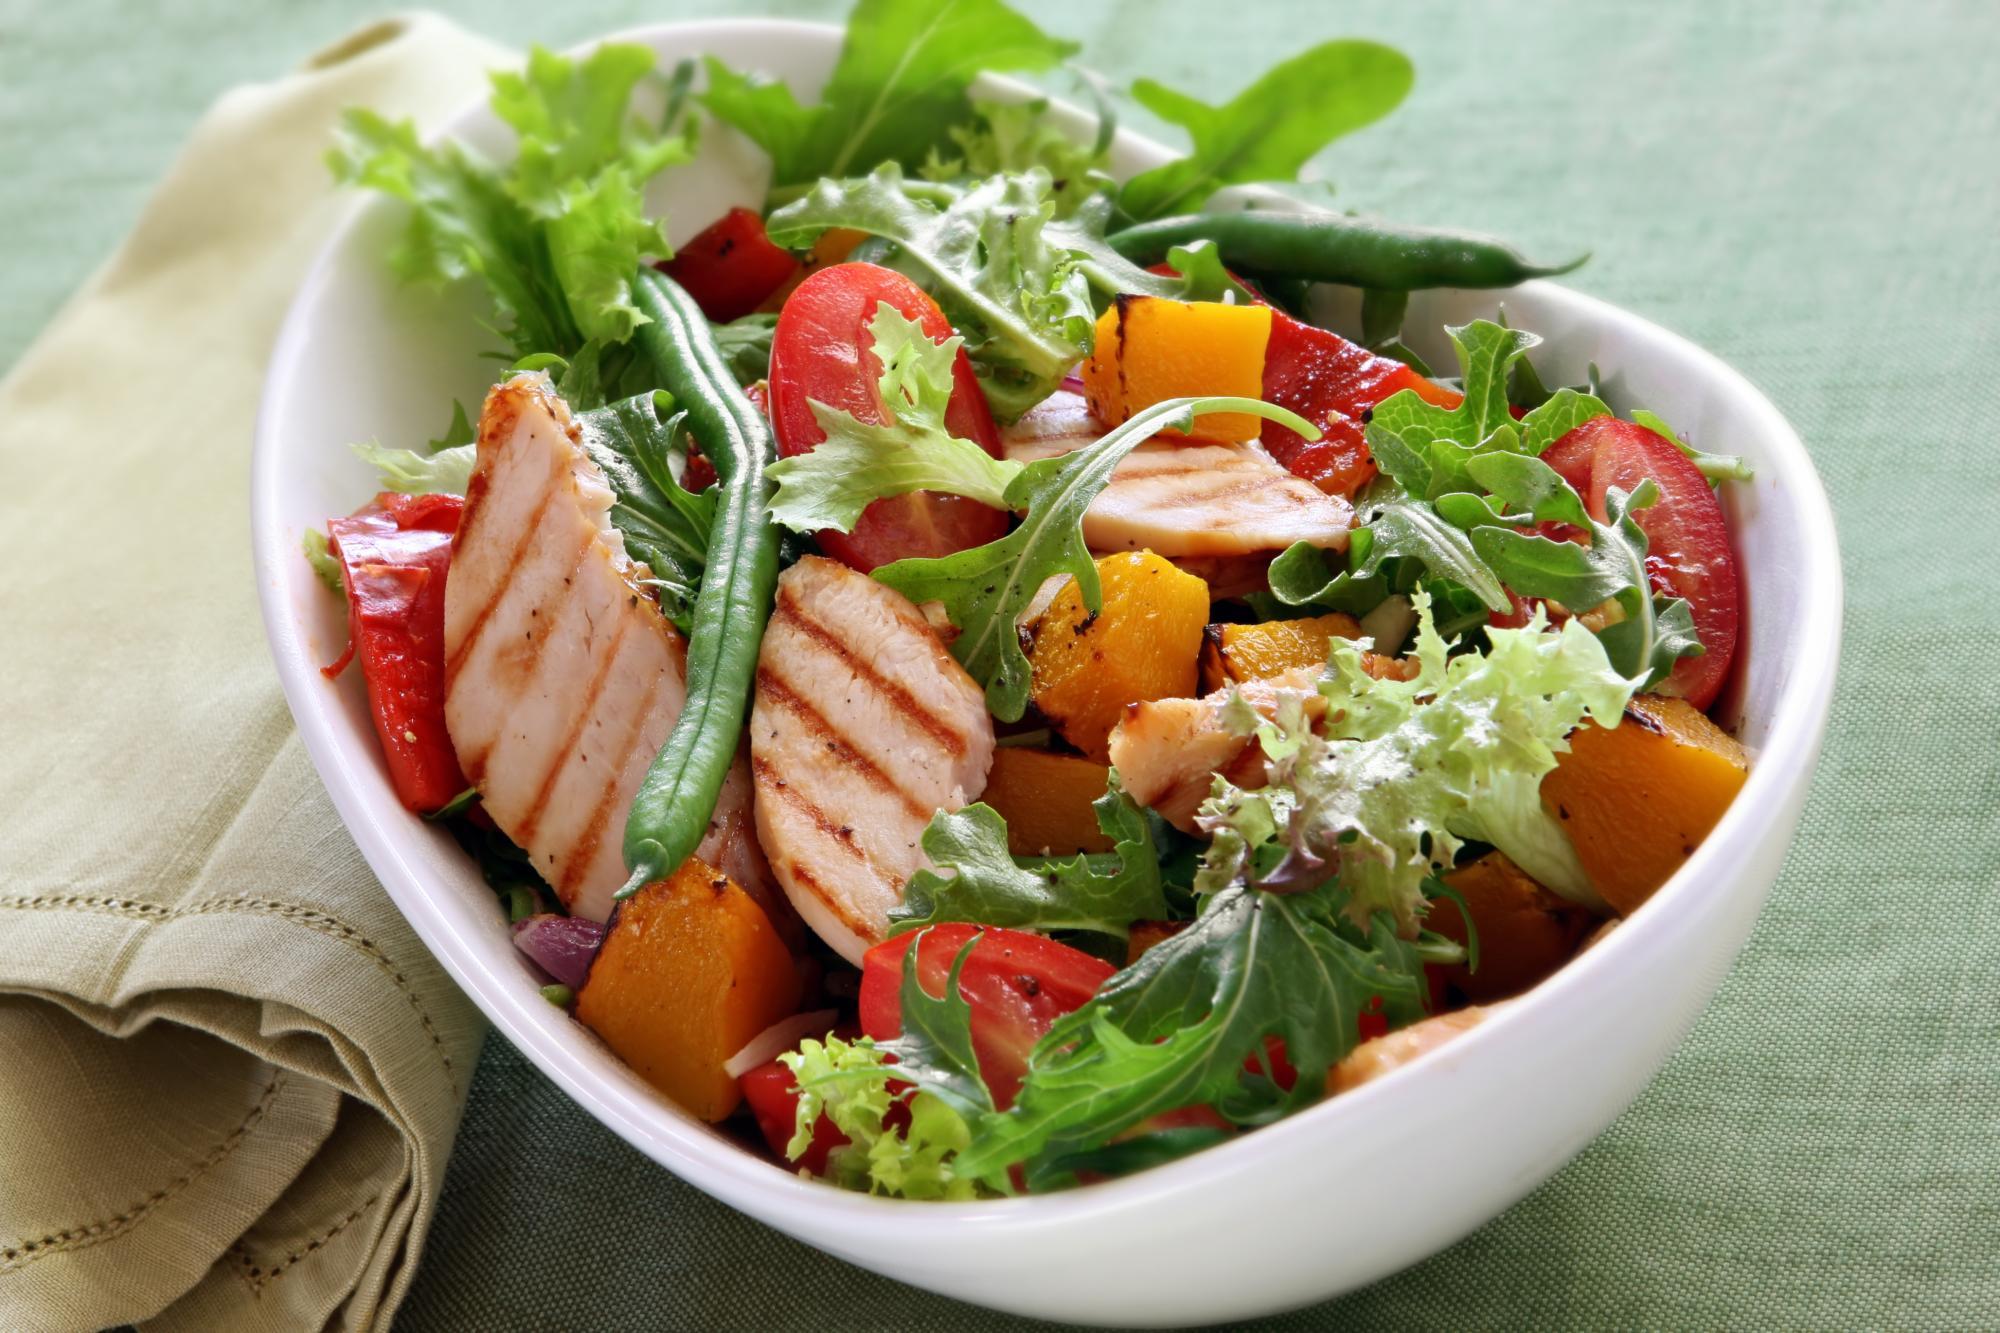 овощной салат рецепт с фото для похудения баффетт